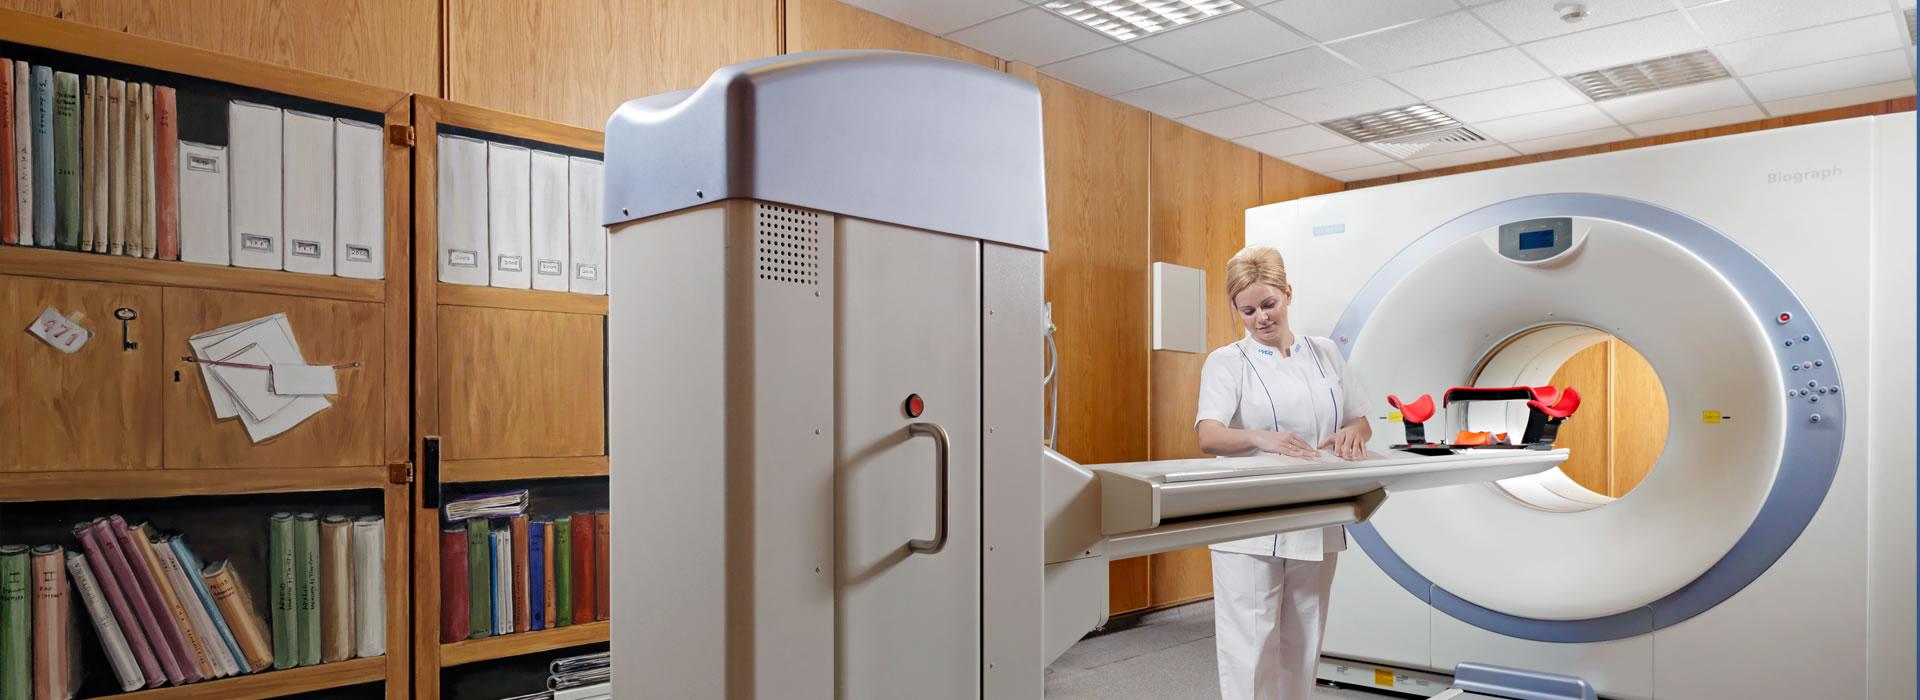 Ειδικός ιατρικός εξοπλισμός στα Νοσοκομεία Ιωαννίνων Λάρισας Αλεξανδρούπολης Ηρακλείου